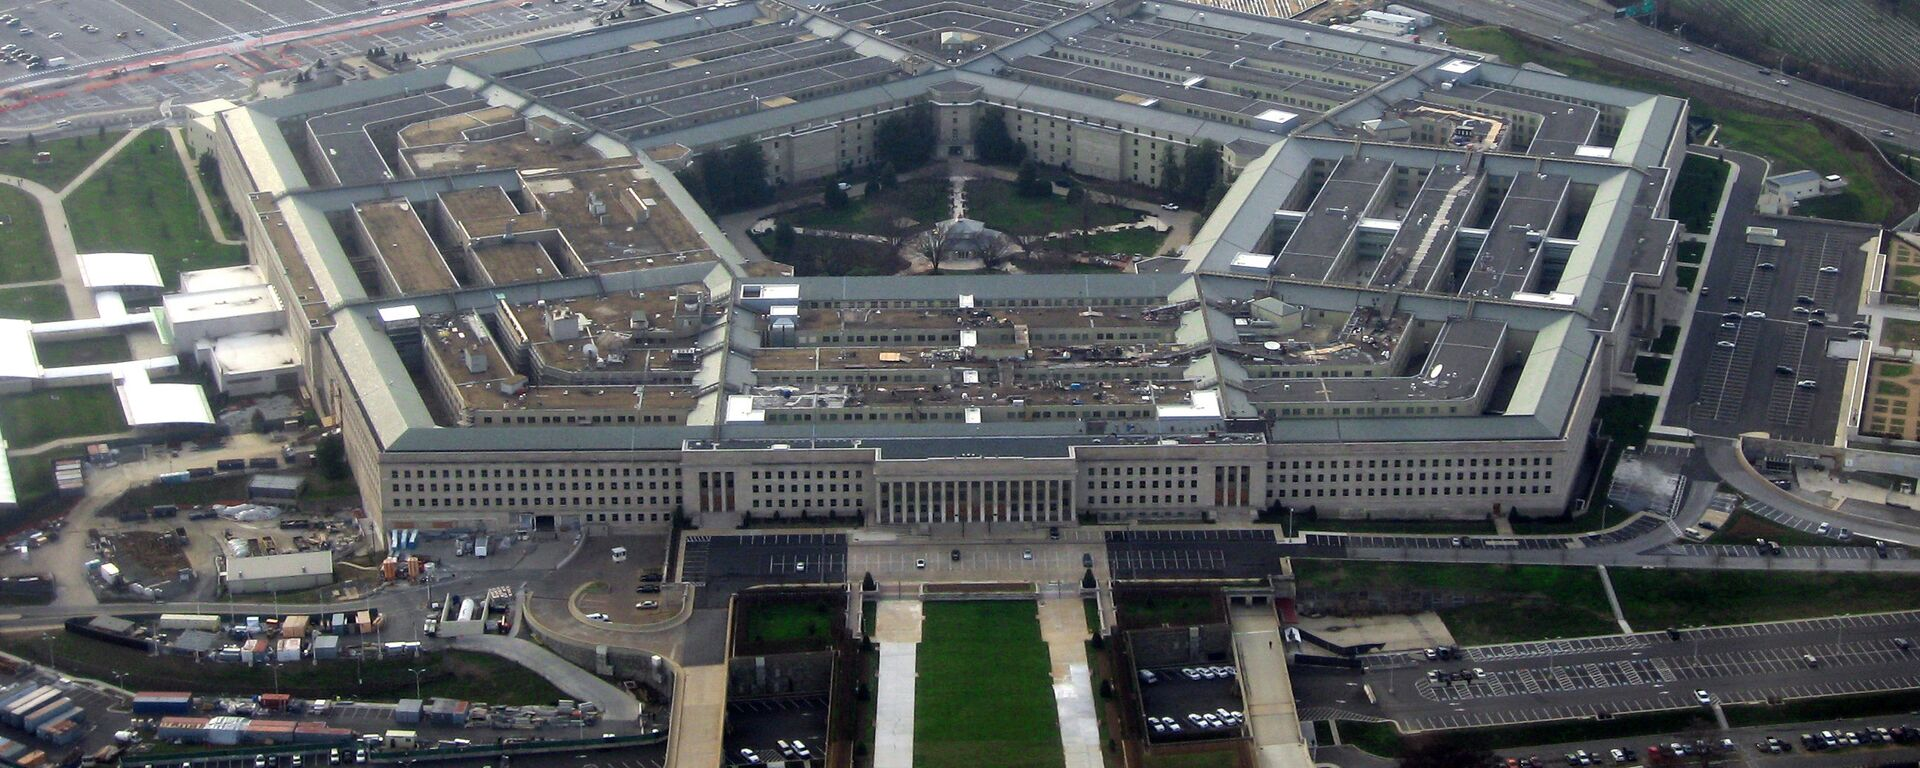 Штаб-квартира Министерства обороны США - Sputnik Ўзбекистон, 1920, 14.10.2021